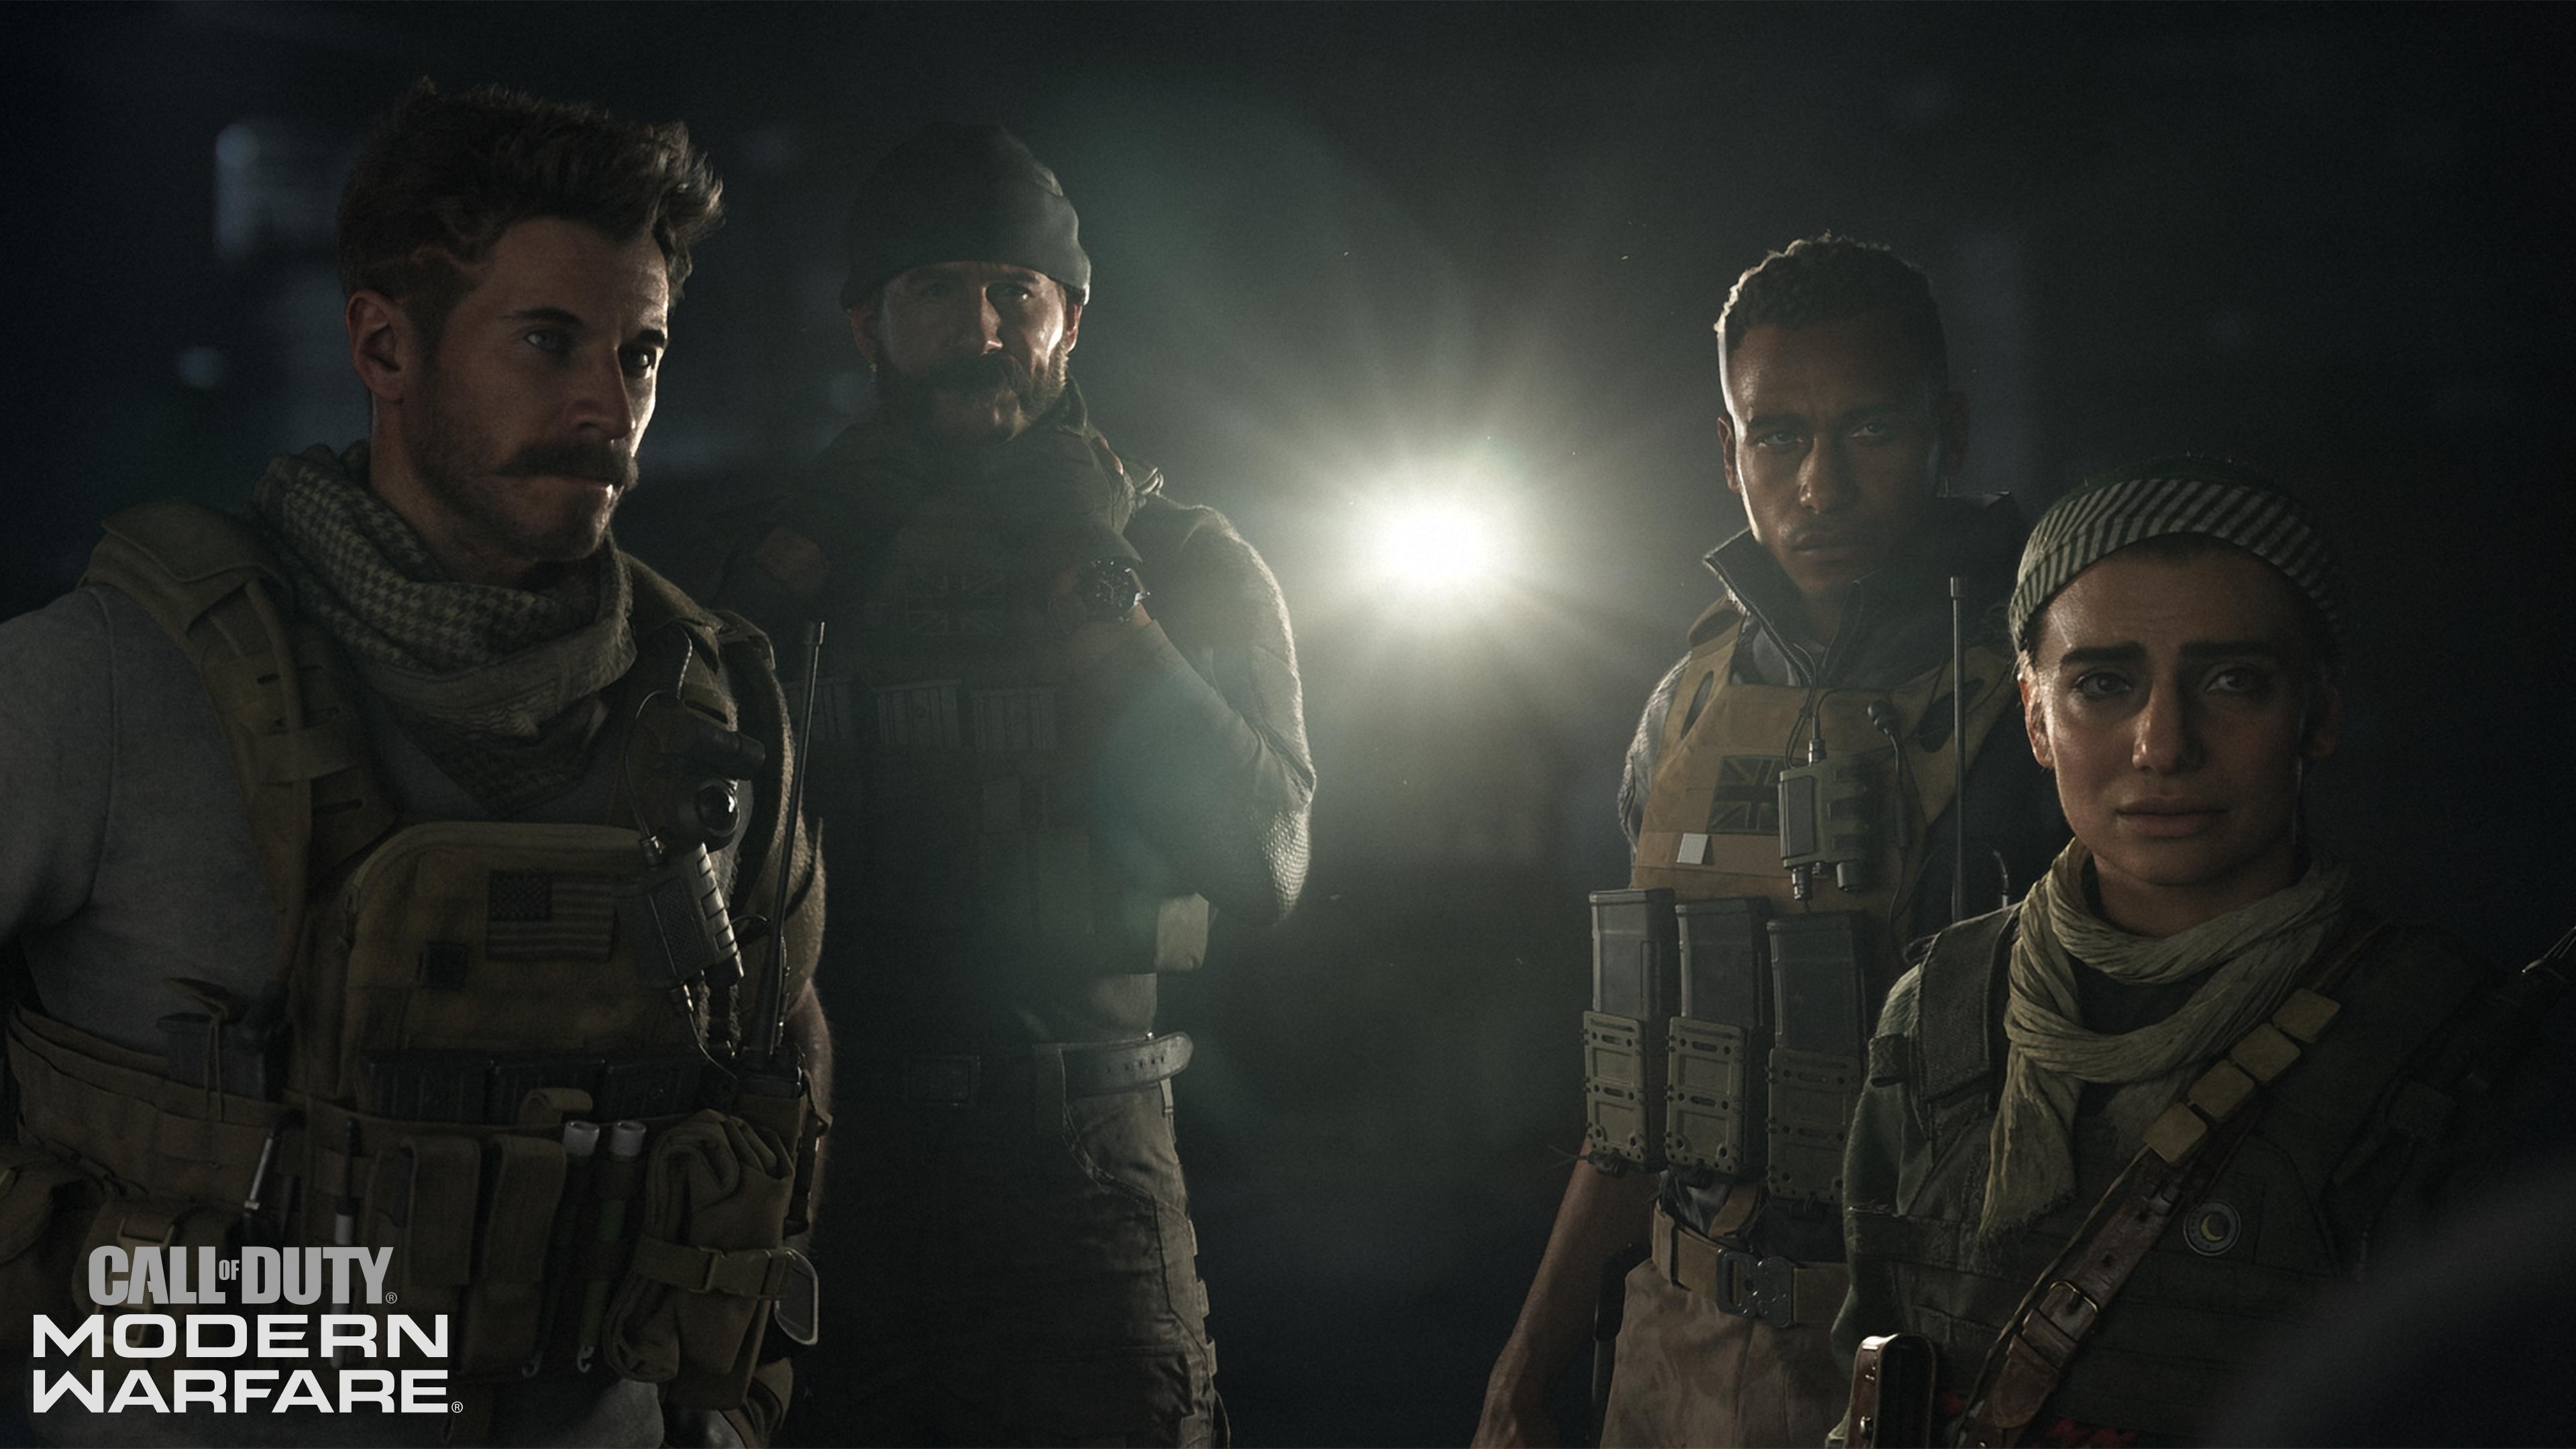 Call of Duty Modern Warfare 2019 09 24 19 006